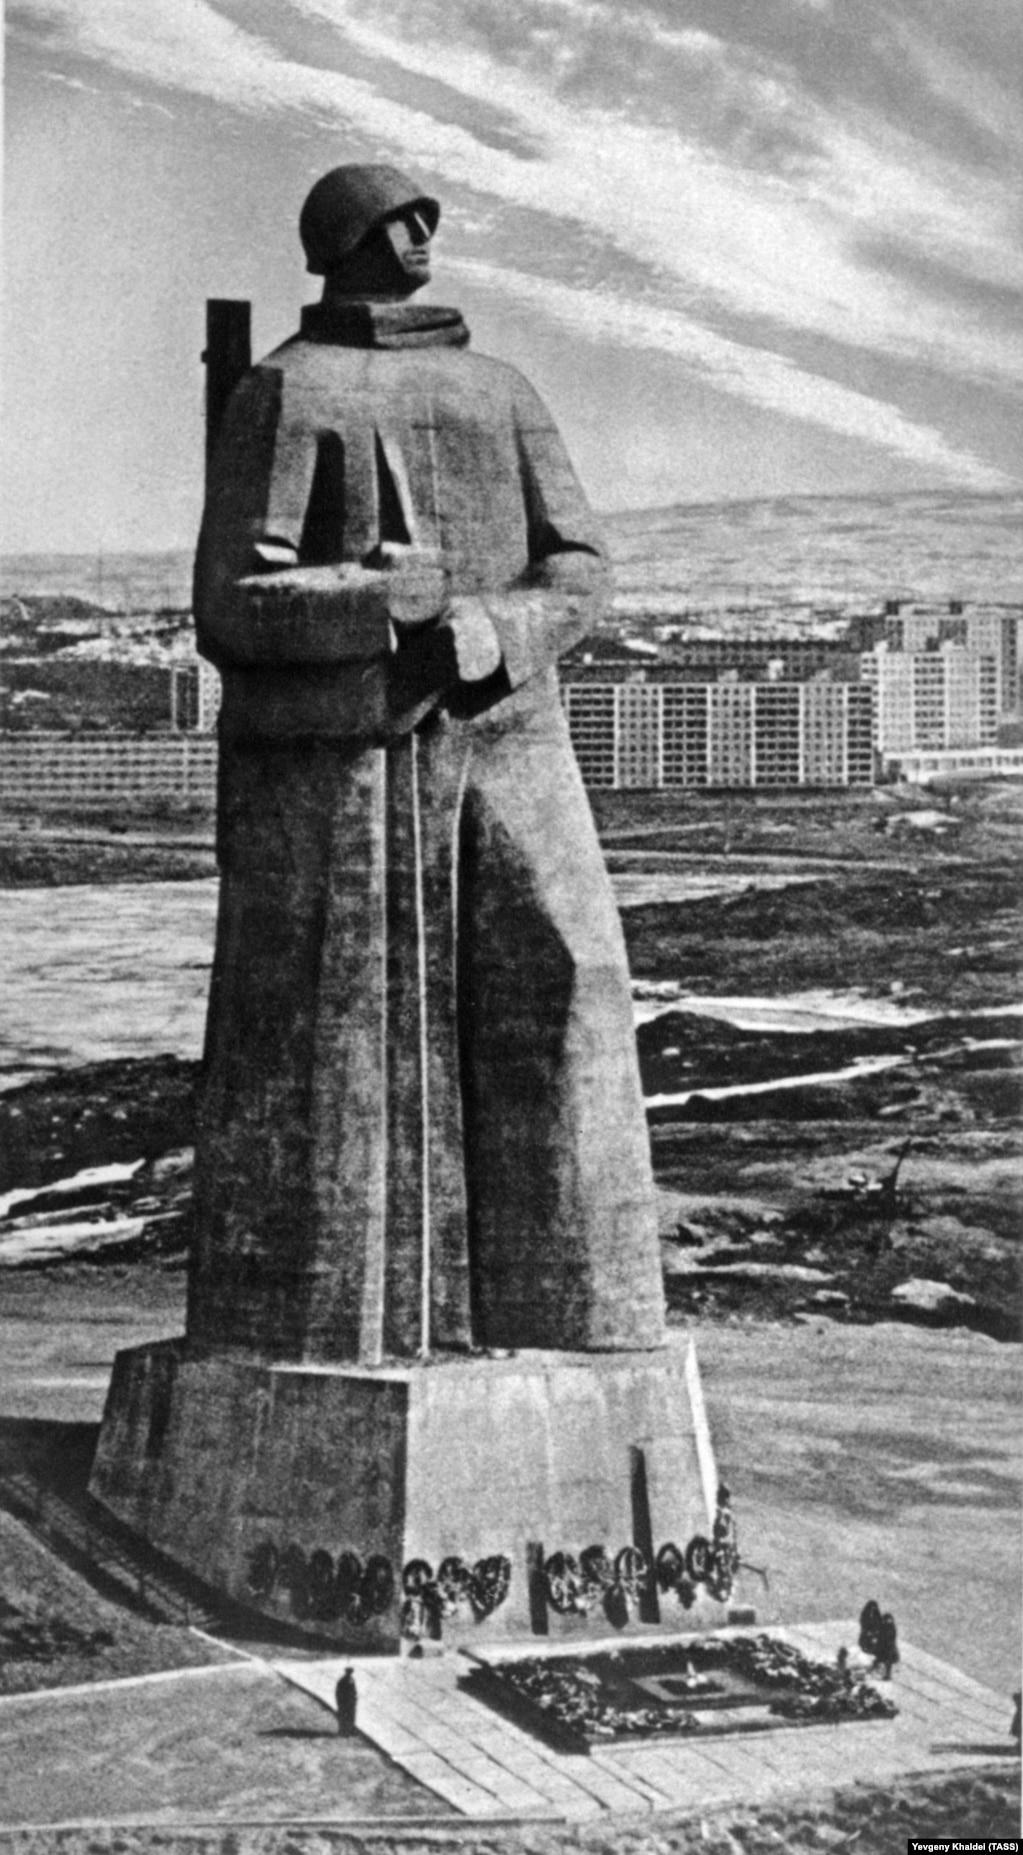 """35-метровый монумент Неизвестному солдату в Мурманске, сфотографированный Халдеем на закате его карьеры, в 1990 году. В 1959-м его взяли на работу в газету """"Правда"""", но в 1976-м снова уволили. Евгений Халдей доживал свои дни в маленькой квартирке в одном из окраинных районов Москвы. Он скончался без малого 20 лет назад, в октябре 1997 года."""